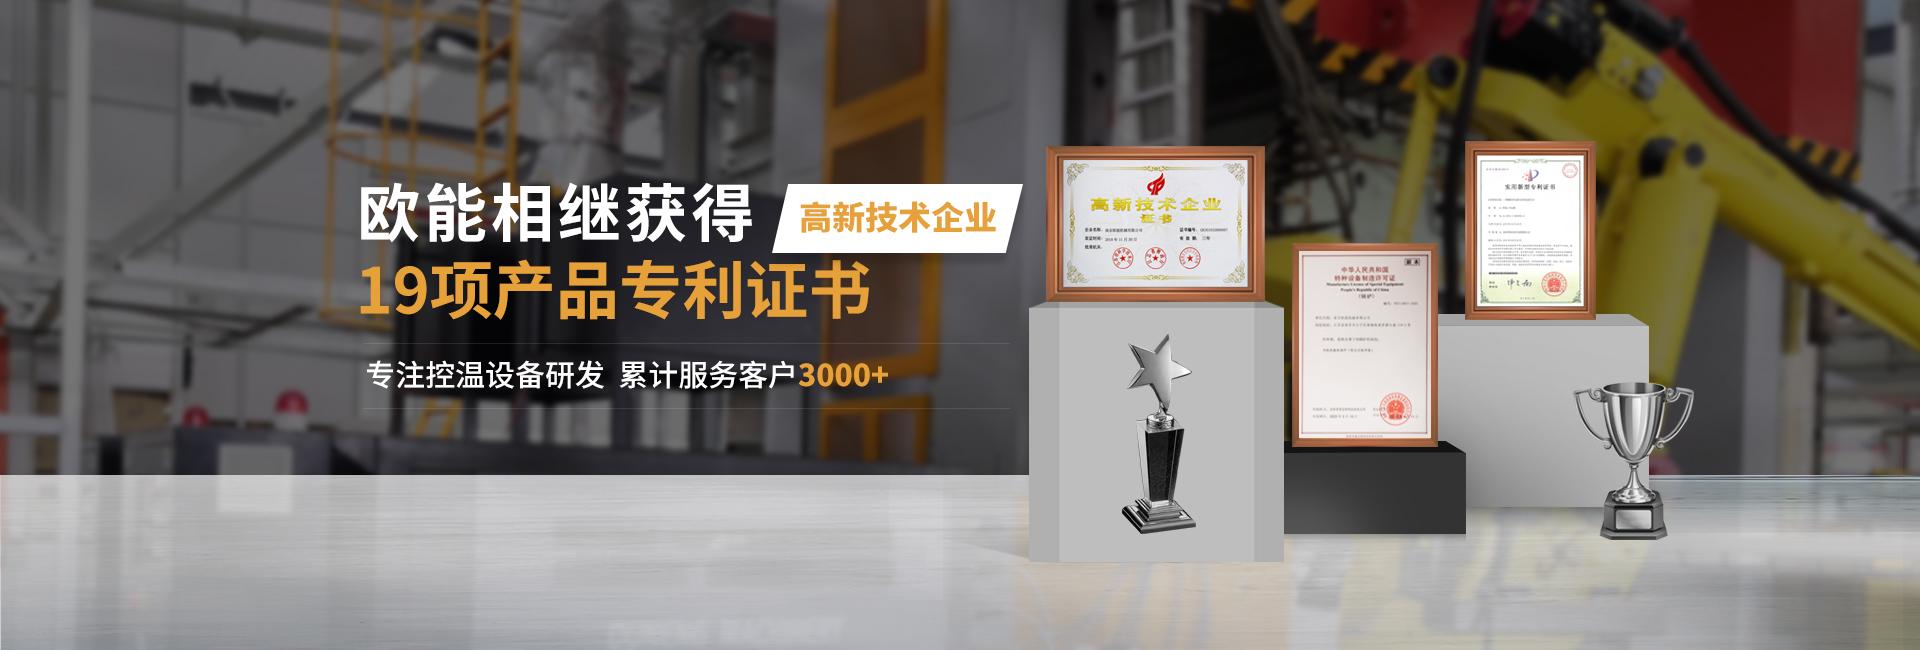 欧能荣获19项产品专利,13年专注控温设备研发,累计服务客户3000+